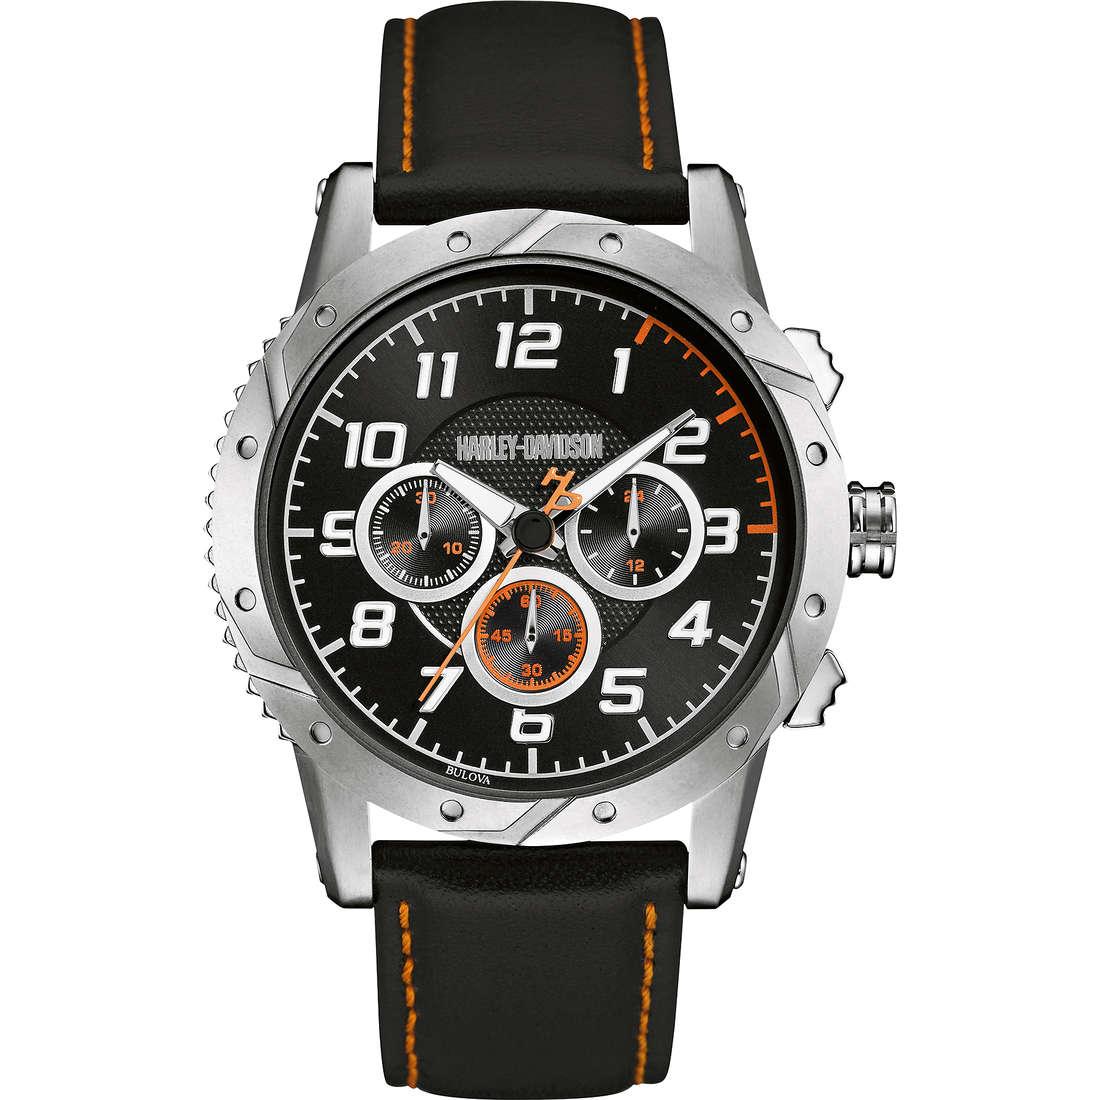 montre multifonction homme Harley Davidson 76B171